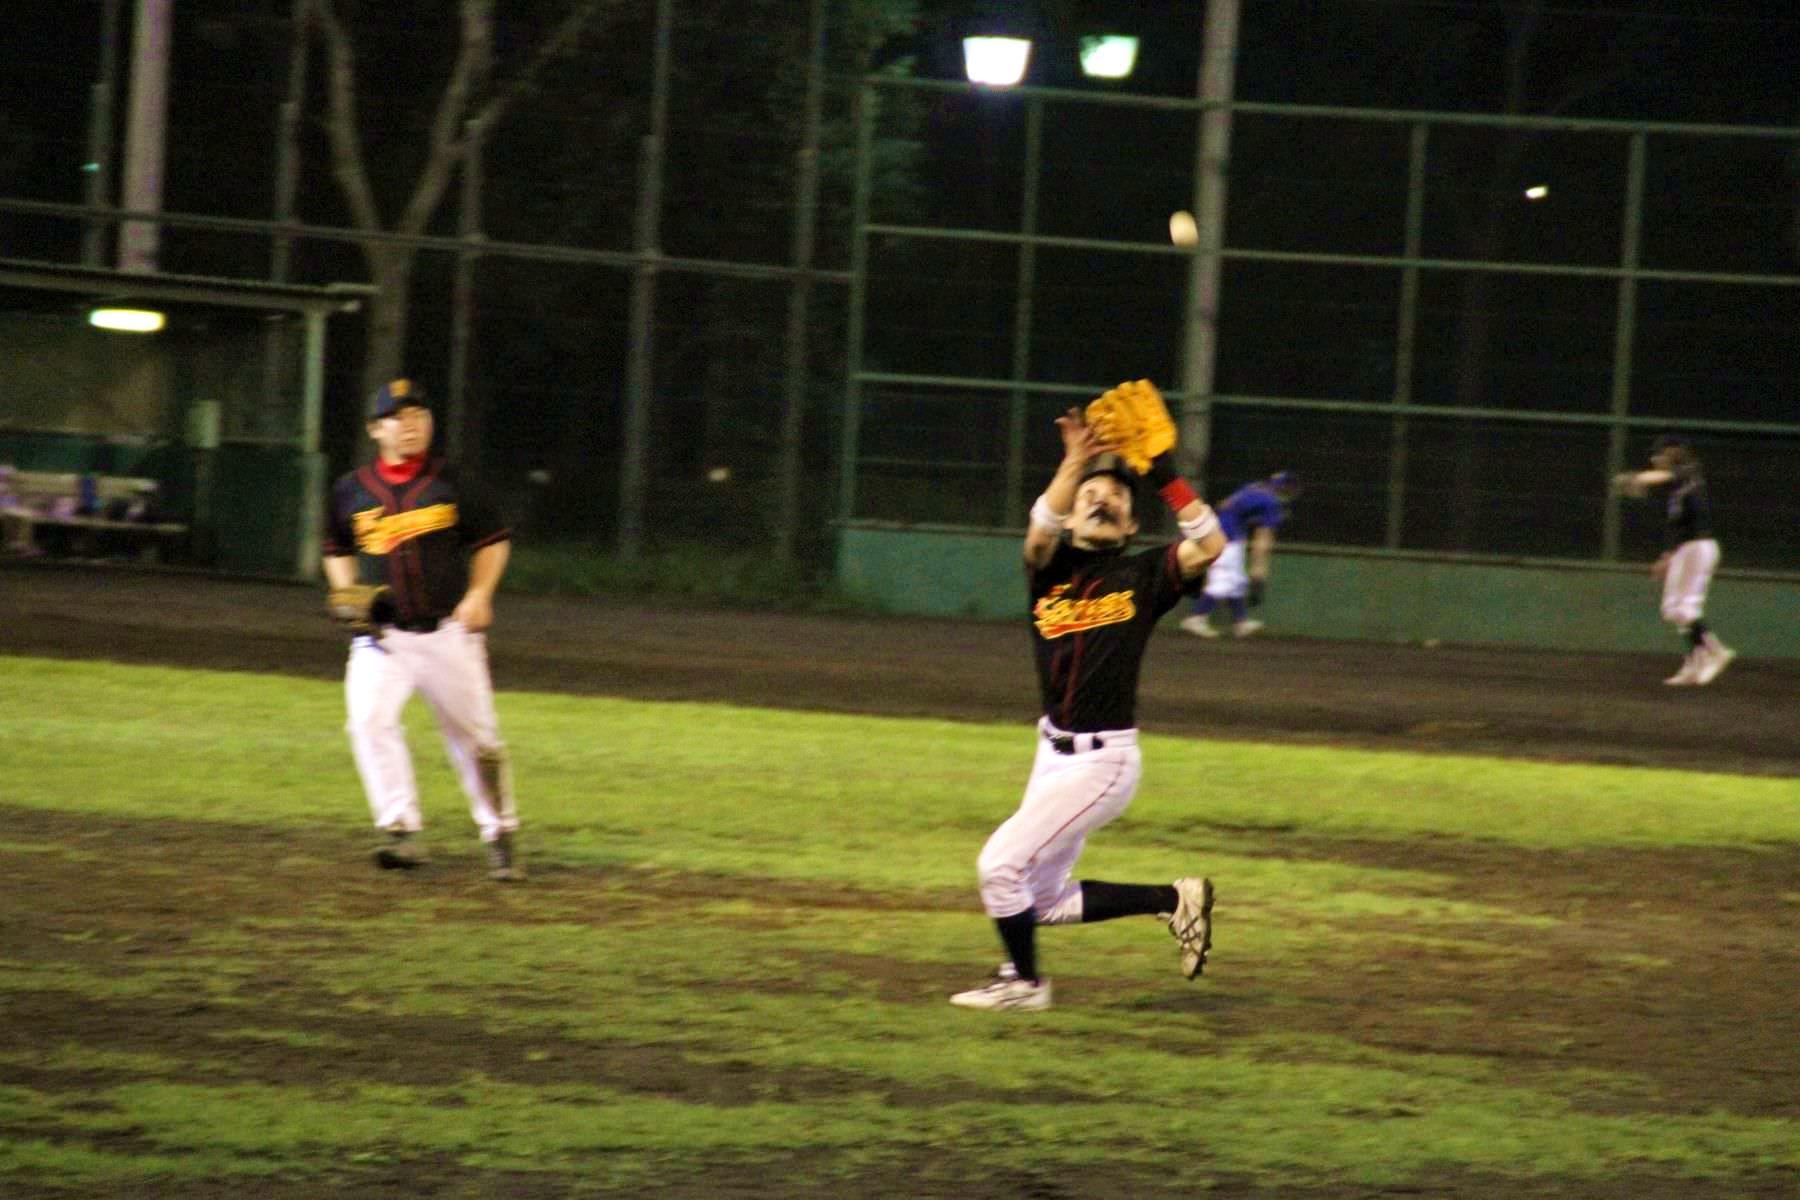 (2)打球がフェアの内野フライである。(3)内野手または内野に位置する野手が普通の守備行為を行えば捕球できると審判員が判断する。